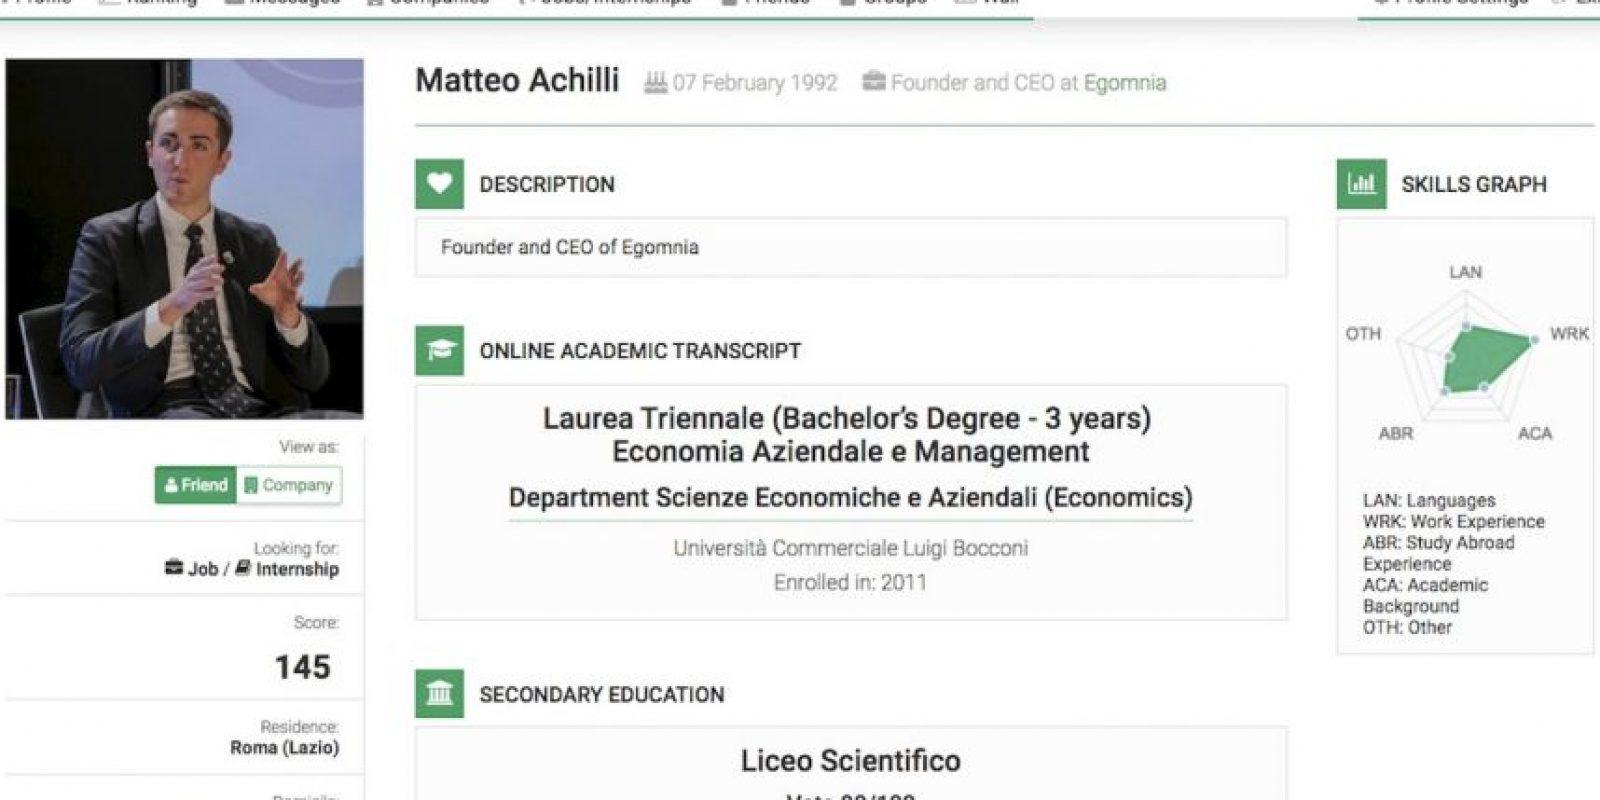 Desarrolló un algoritmo para su sitio Egomnia que rankea CV mientras estudiaba en la prestigiosa Universidad Bocconi de Milán. Foto:Matteo Achilli